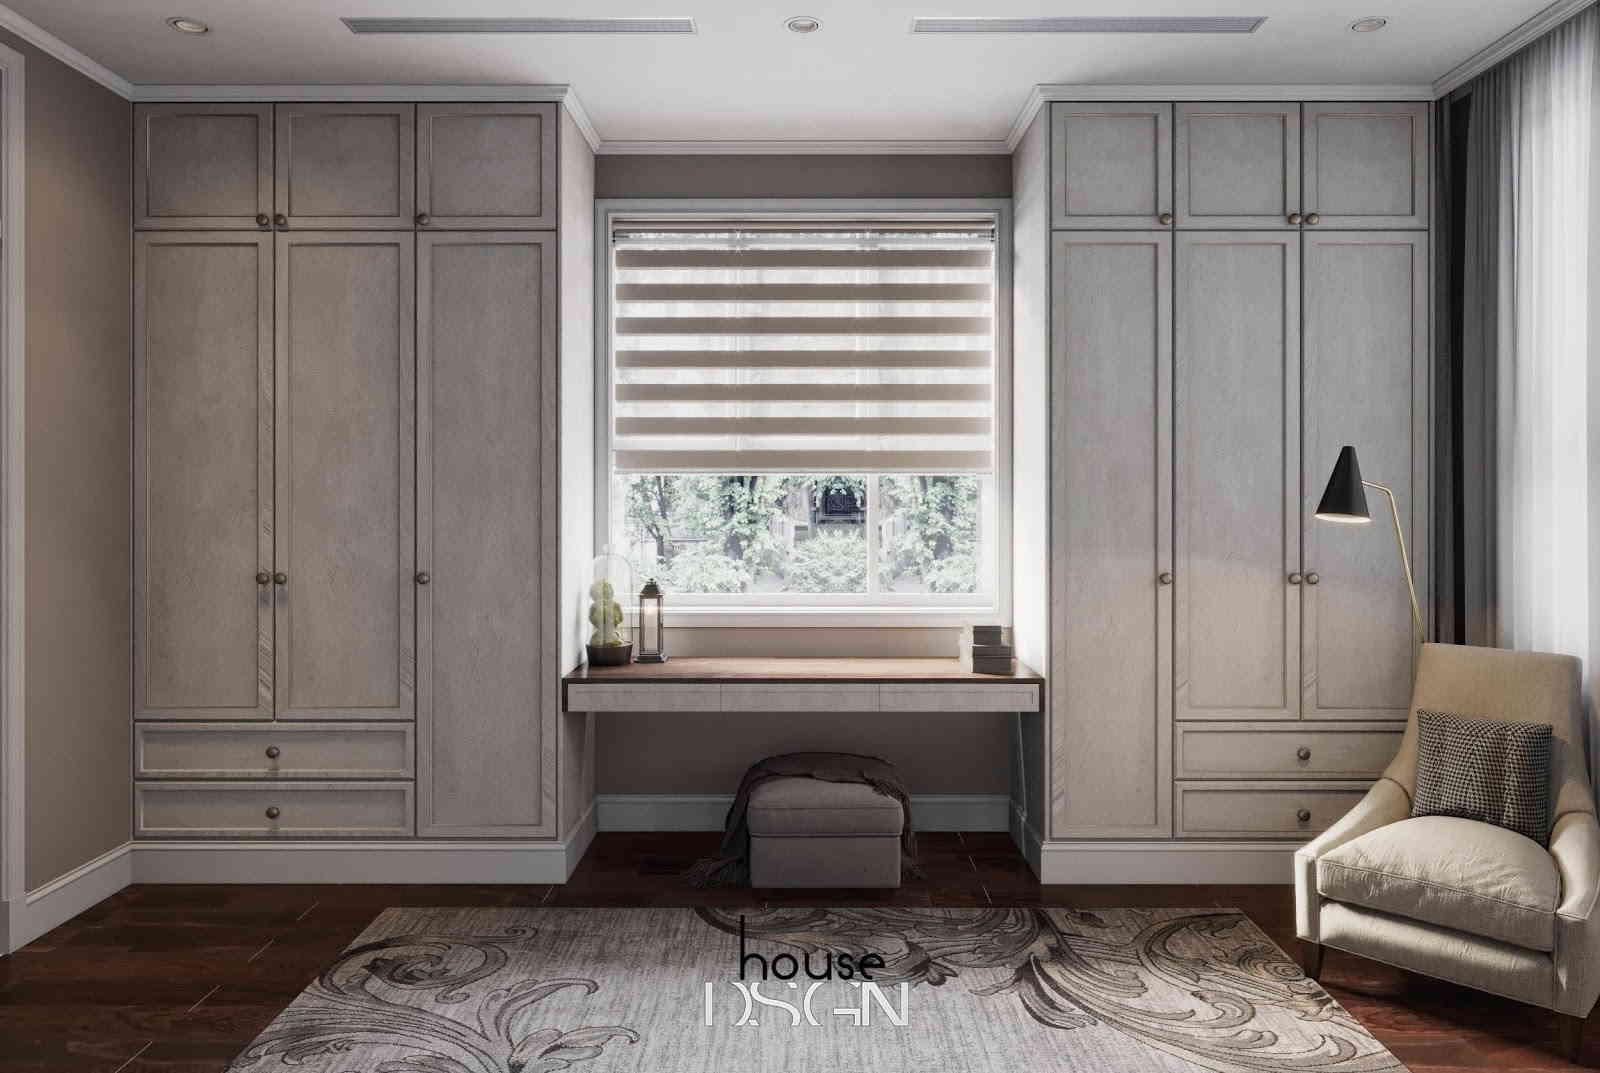 thiết kế theo phong cách nội thất cổ điển